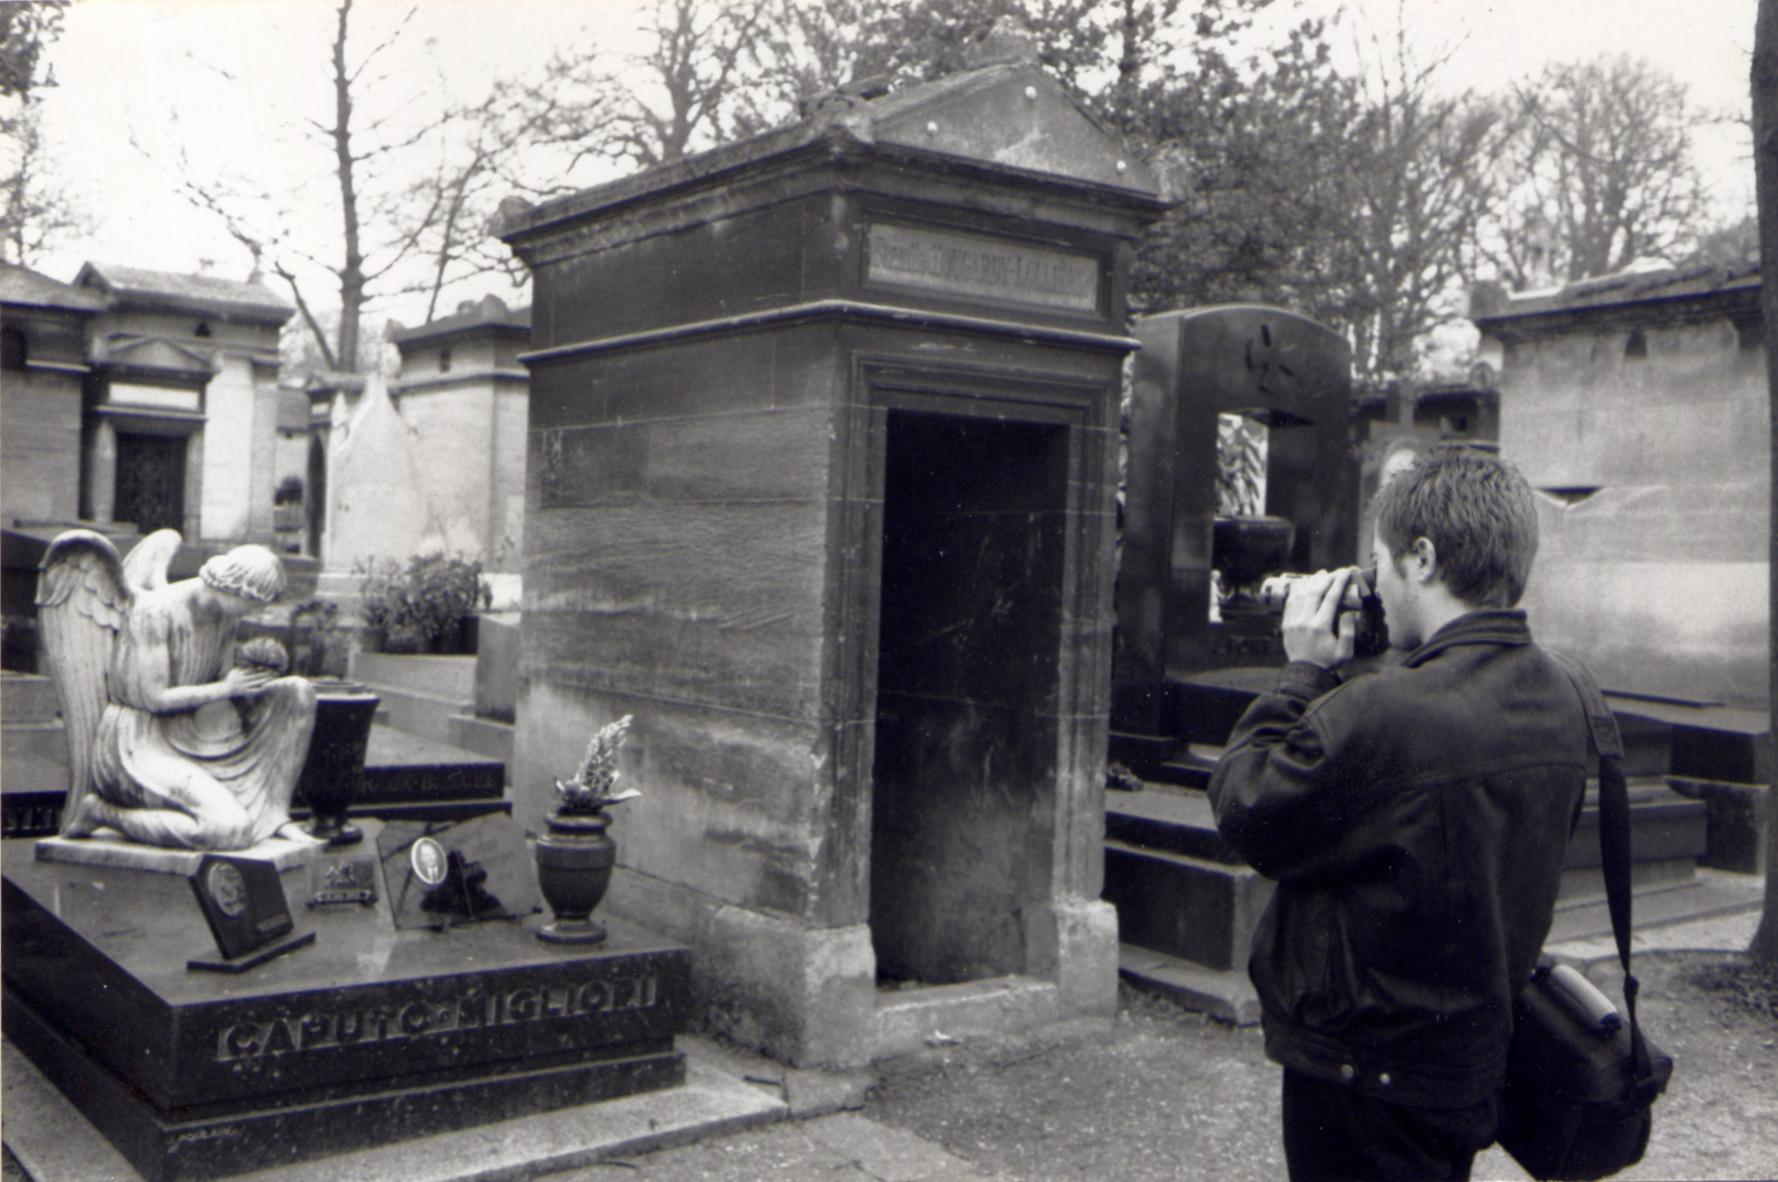 Paul au Père Lachaise par Jean-Claude Marguerite, 2000